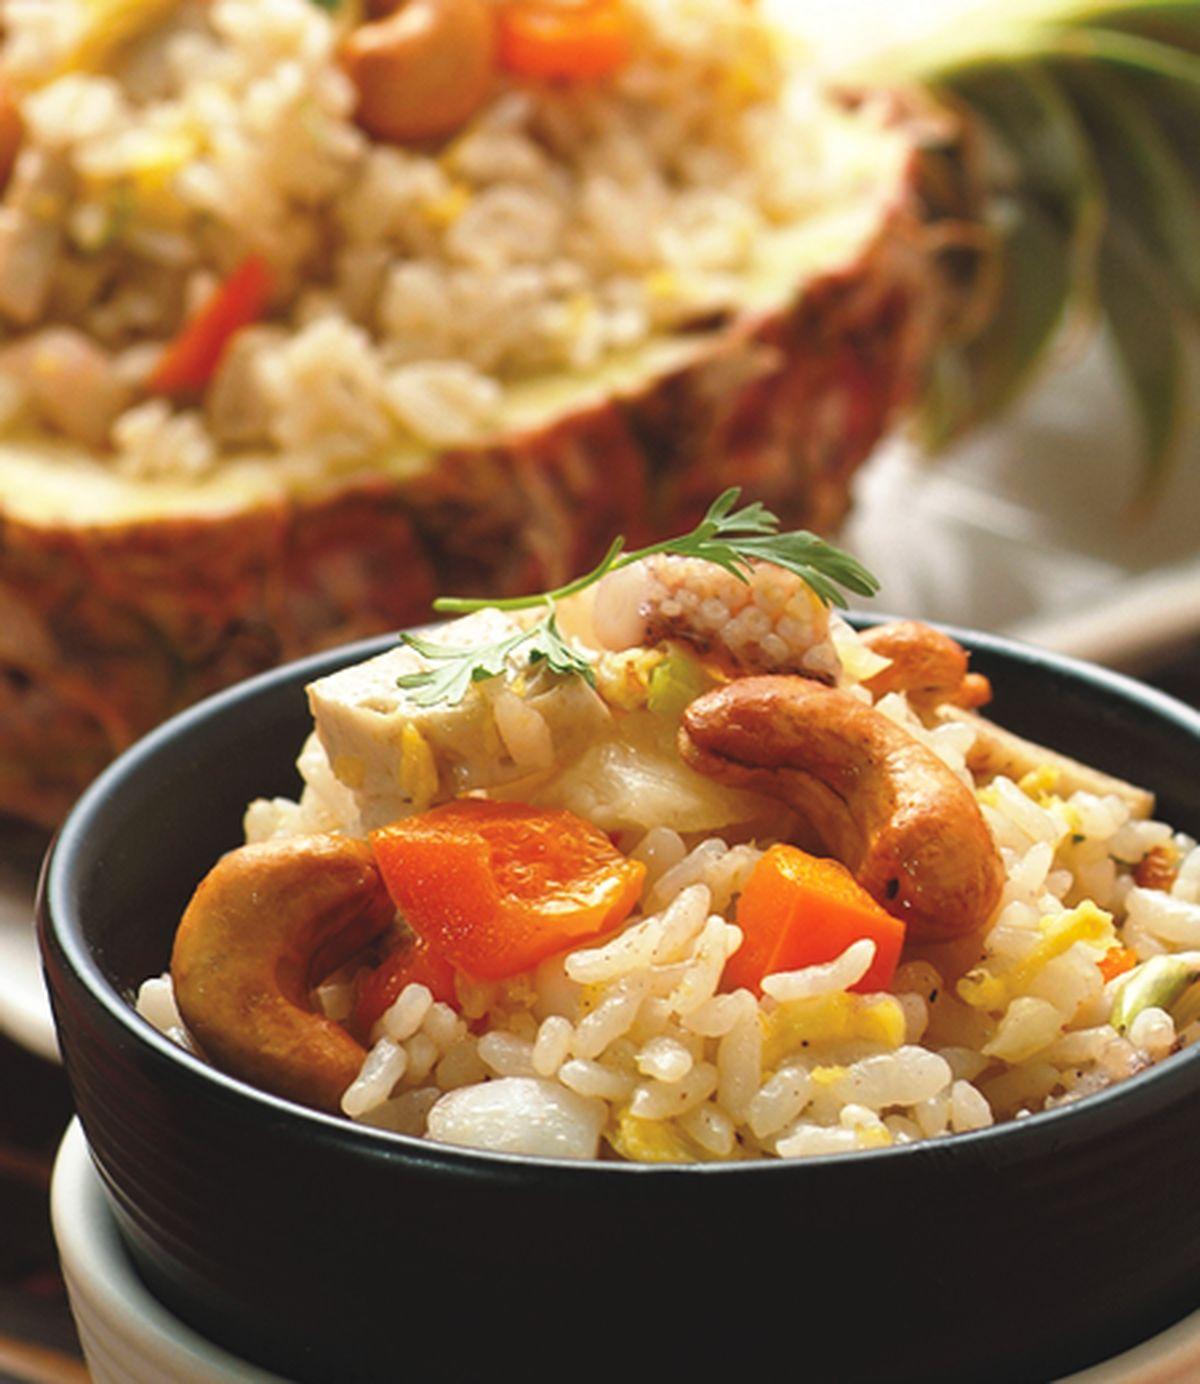 食譜:菠蘿炒飯